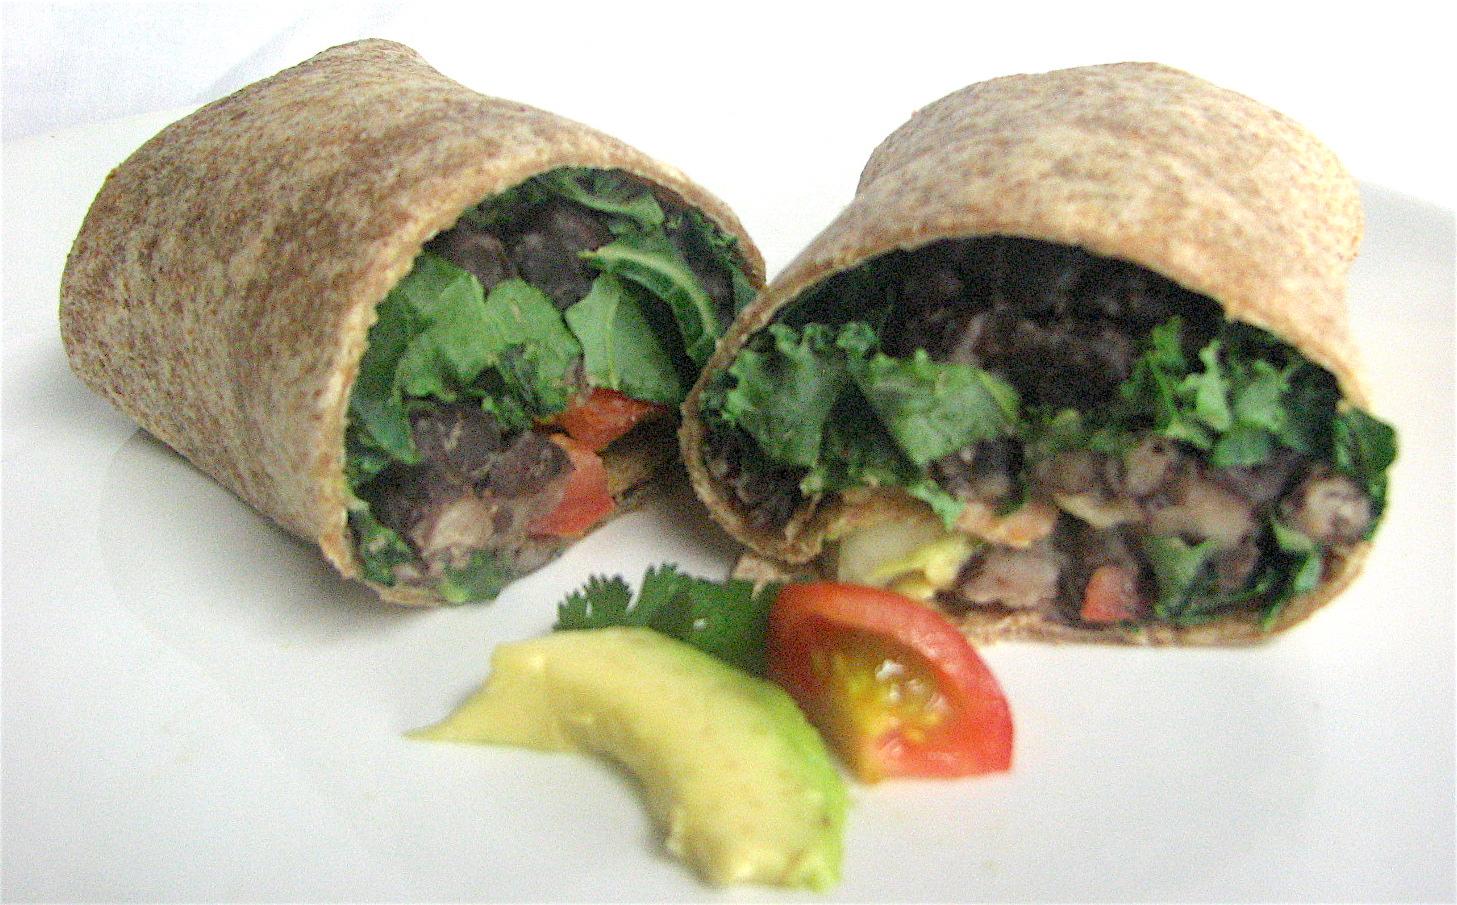 black bean burrito - med instead of meds